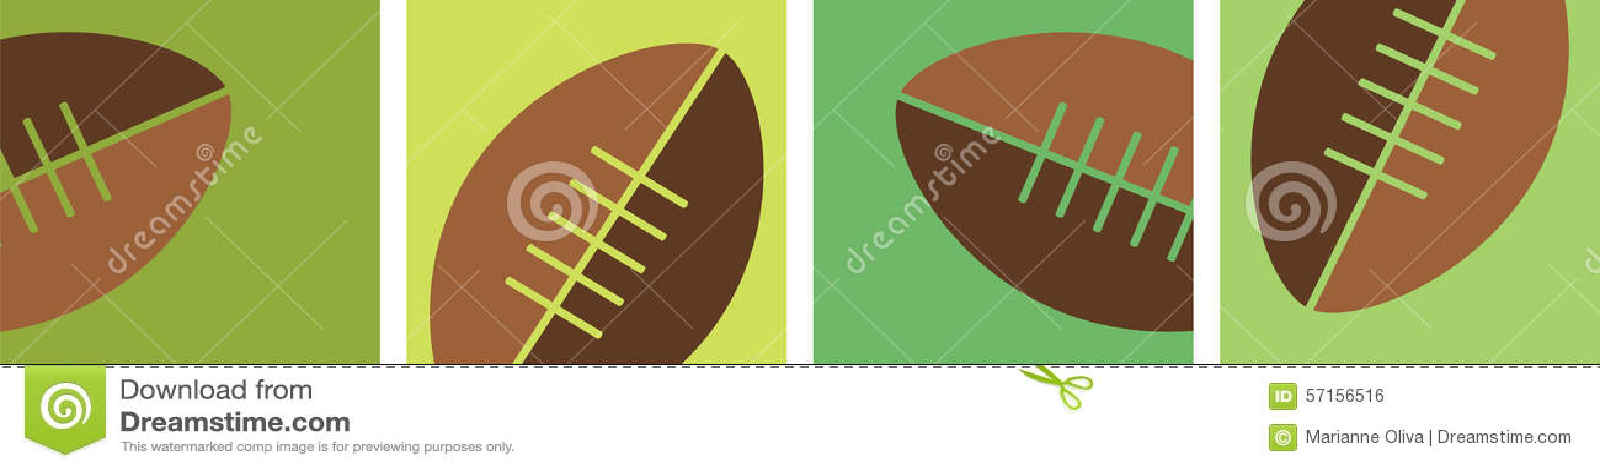 football border stock vector  illustration of football